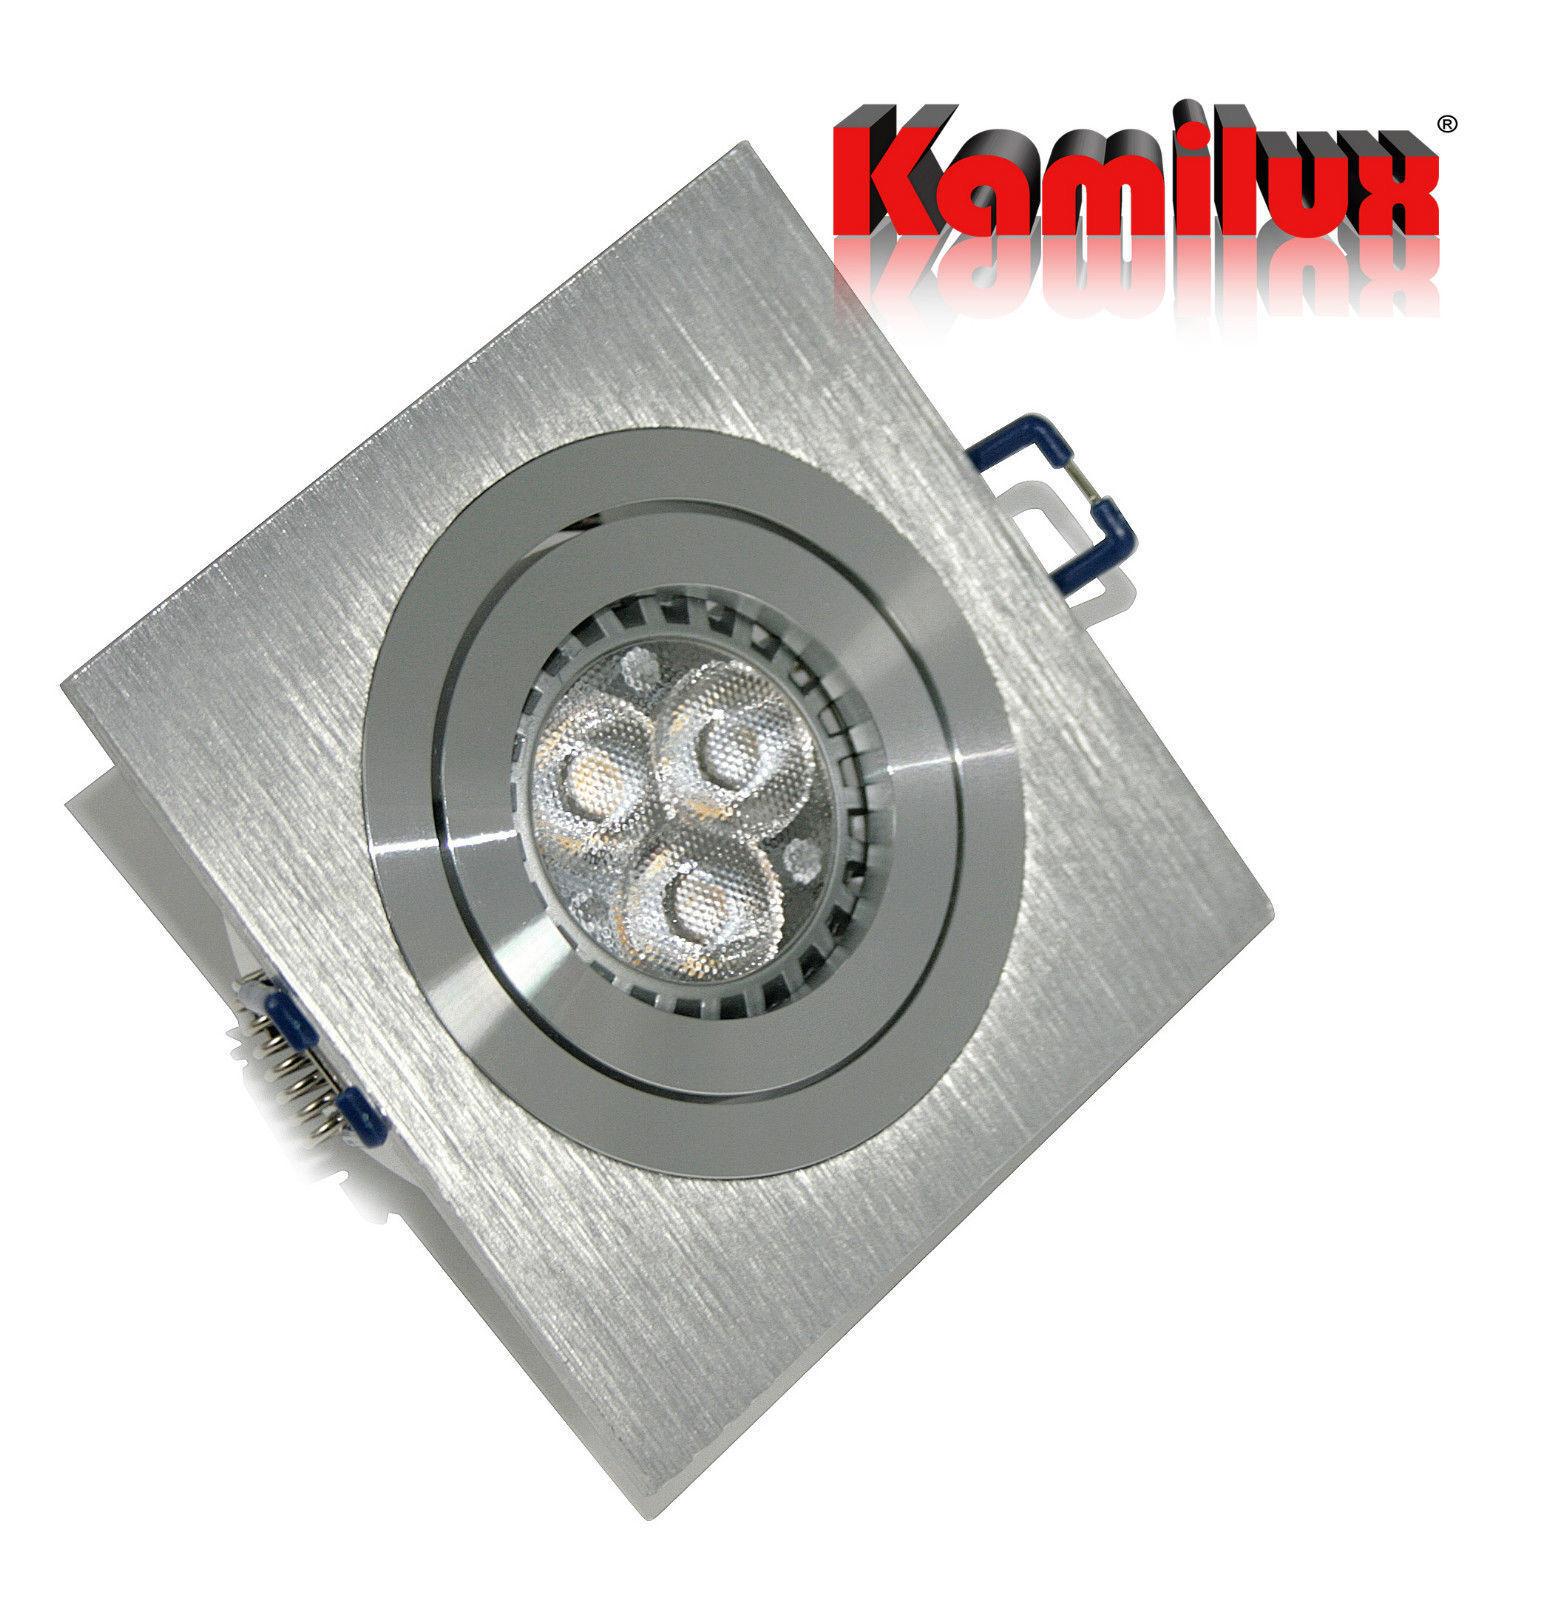 Premium LED Einbaustrahler Kanto 230V GU10 - LED 5W50W warmweiss oder kaltweiss   eine breite Palette von Produkten    Verschiedene    Fierce Kaufen